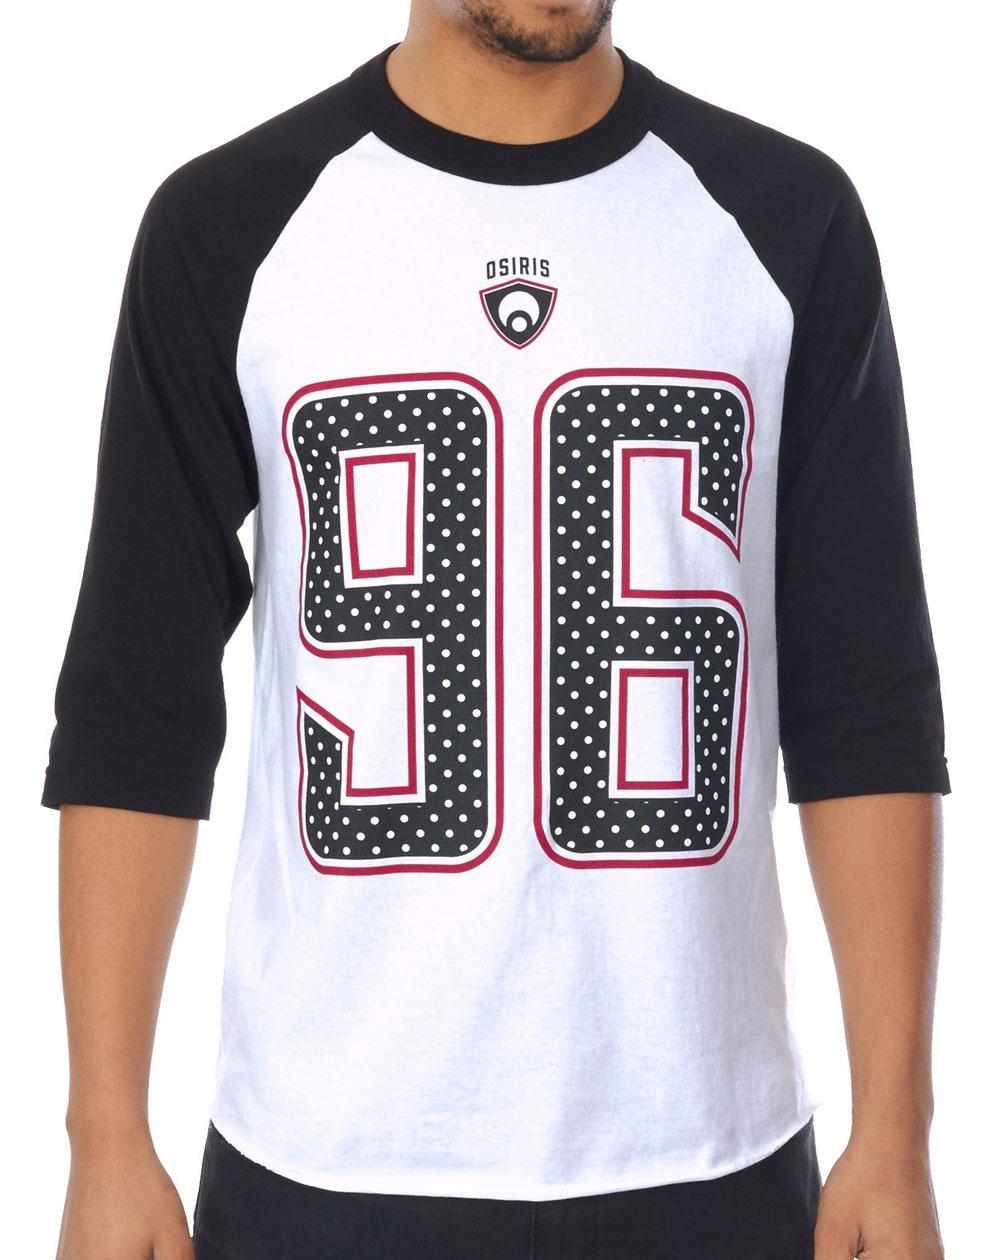 Osiris Herren T-Shirt Game Day Black/White